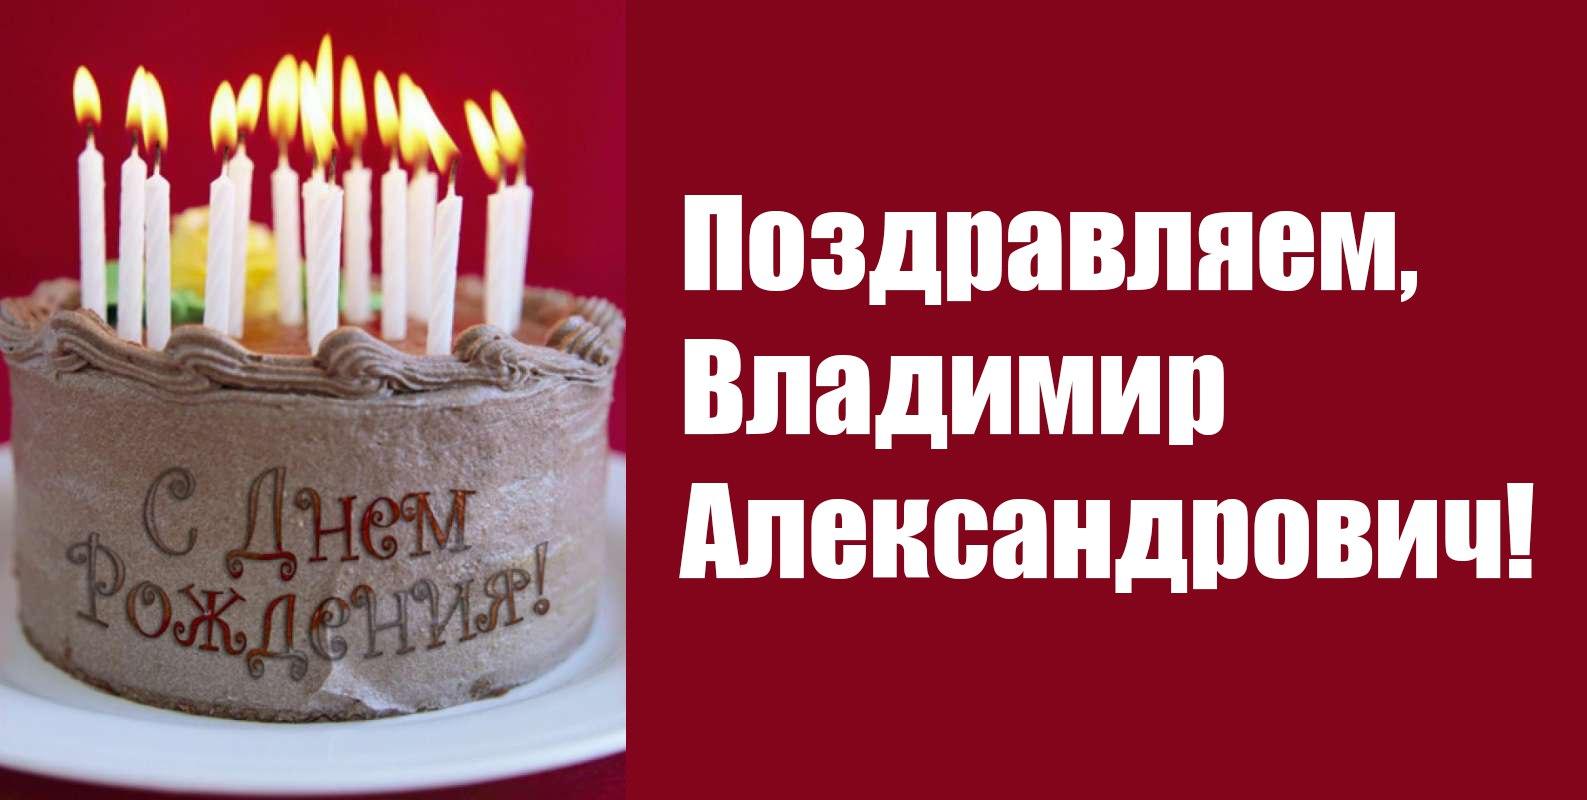 Поздравления с днем рождения Владимиру 36